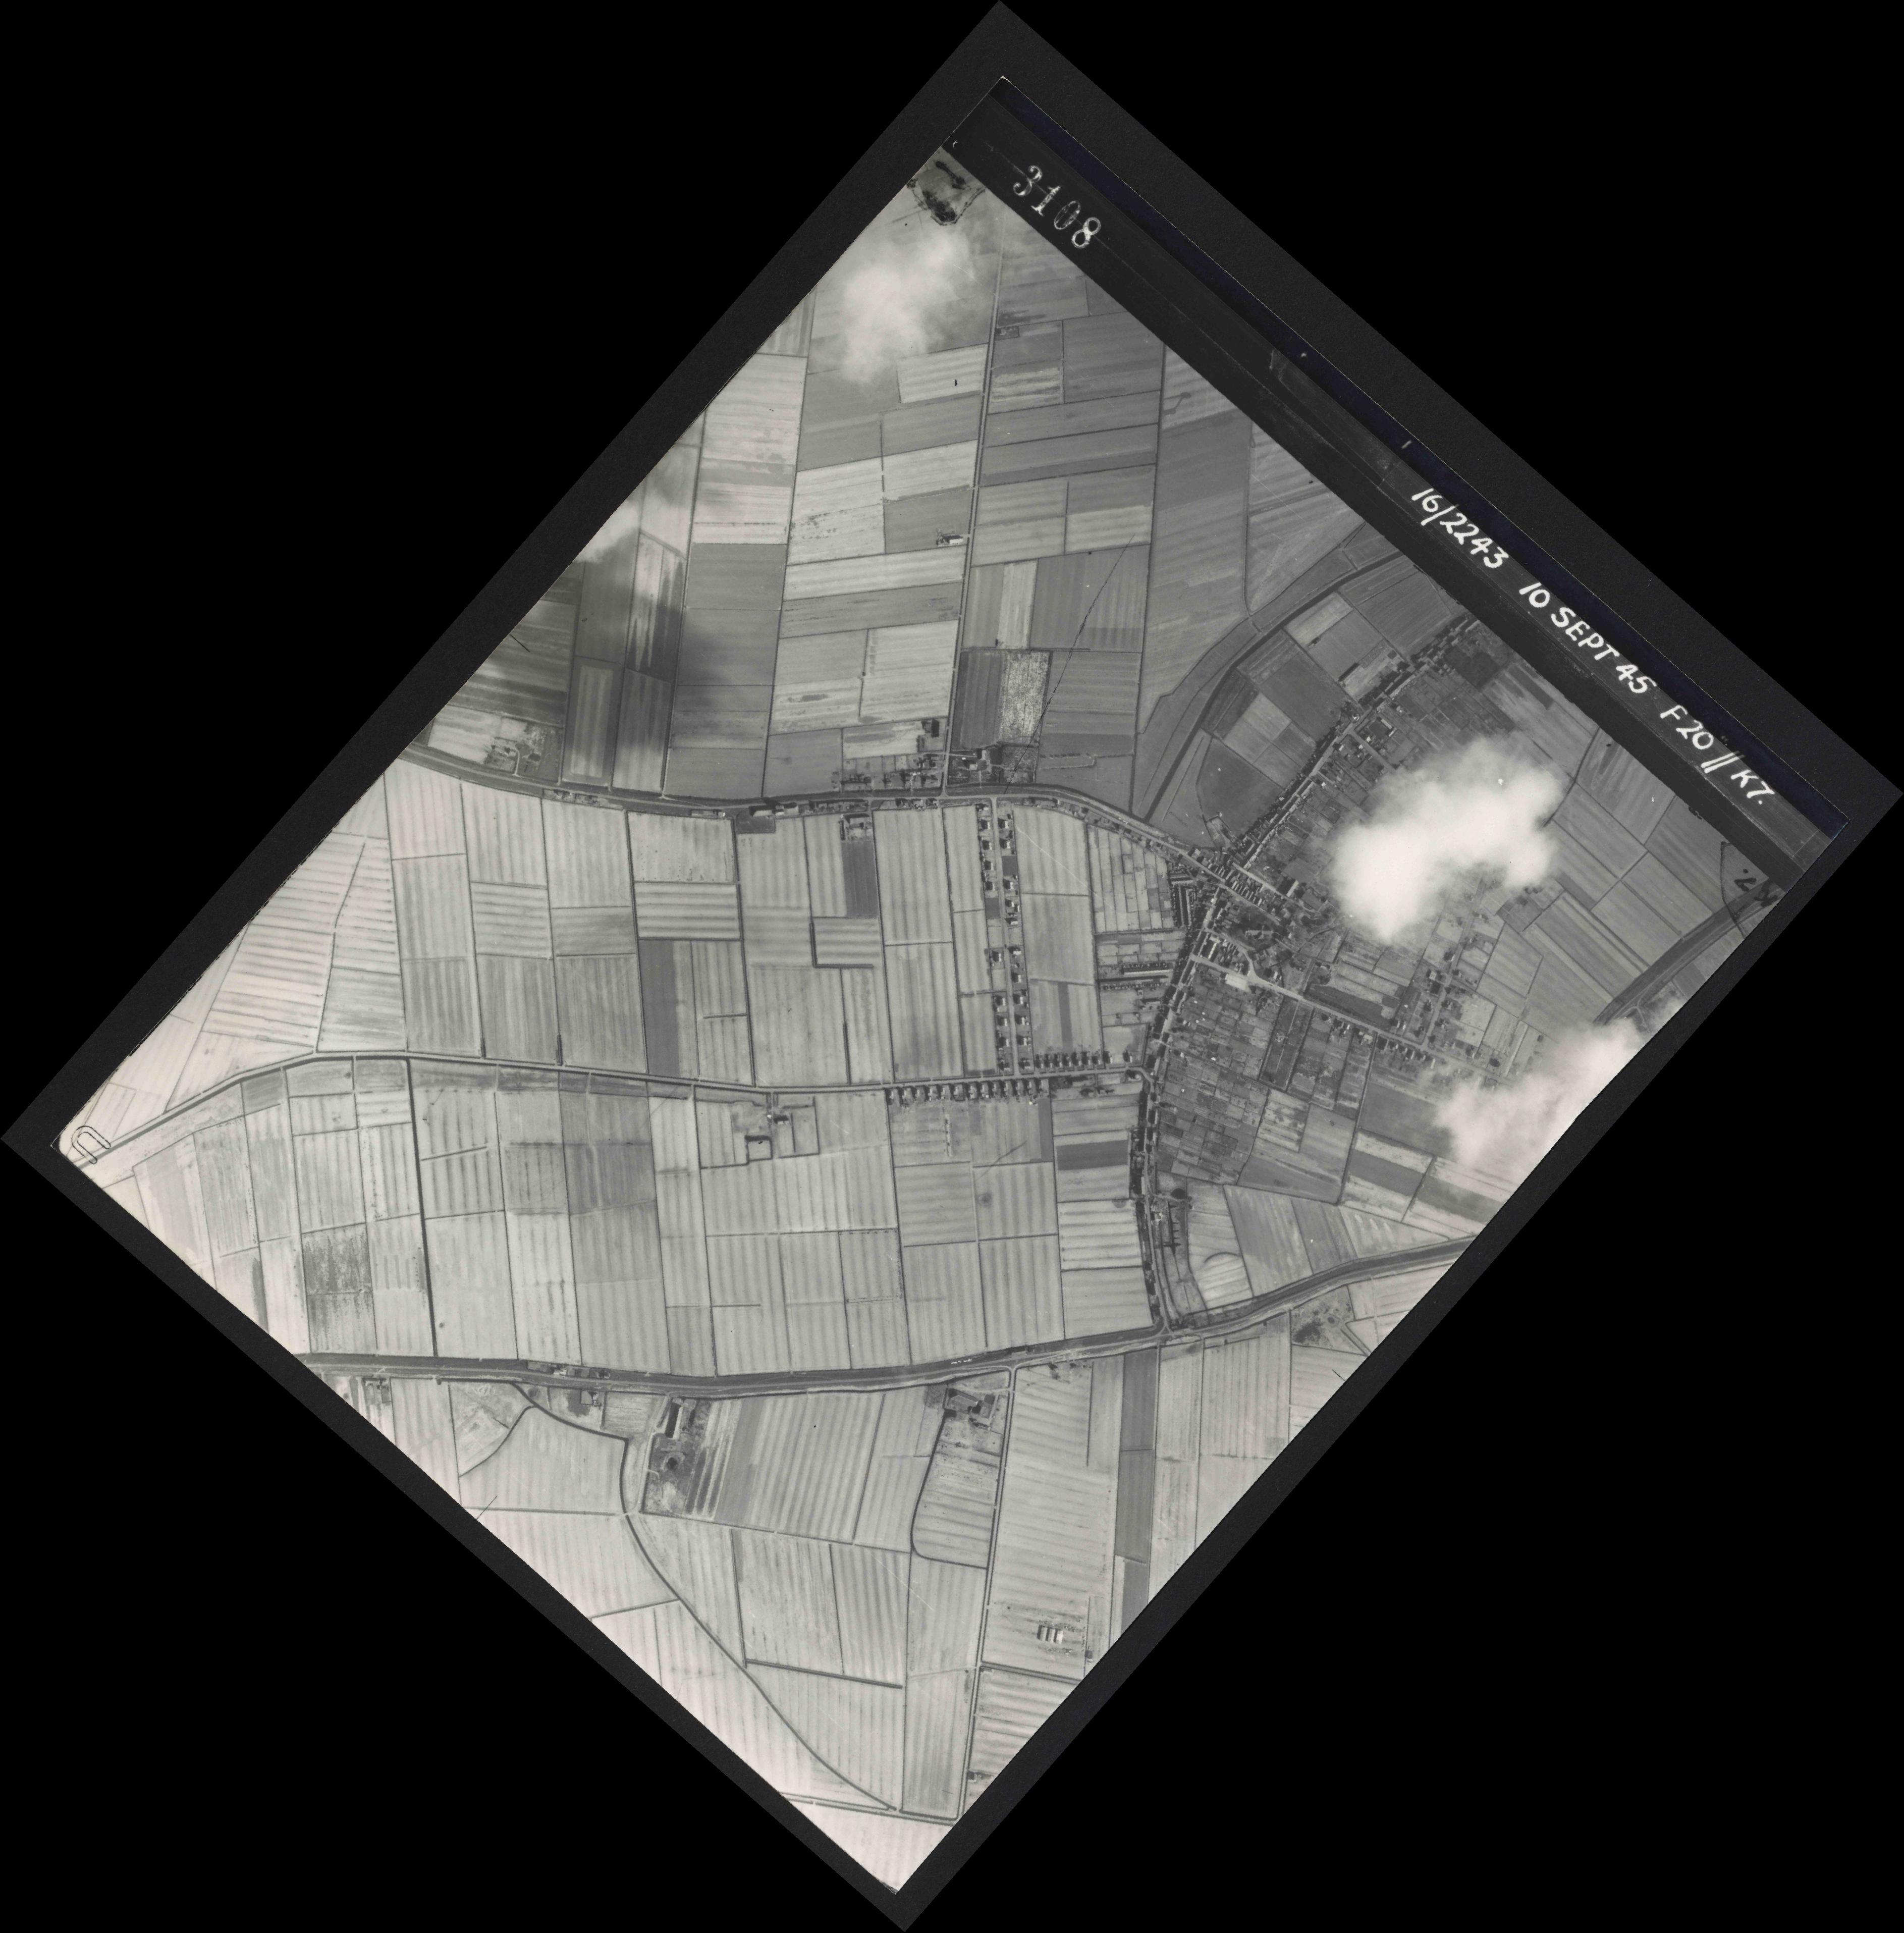 Collection RAF aerial photos 1940-1945 - flight 037, run 17, photo 3108